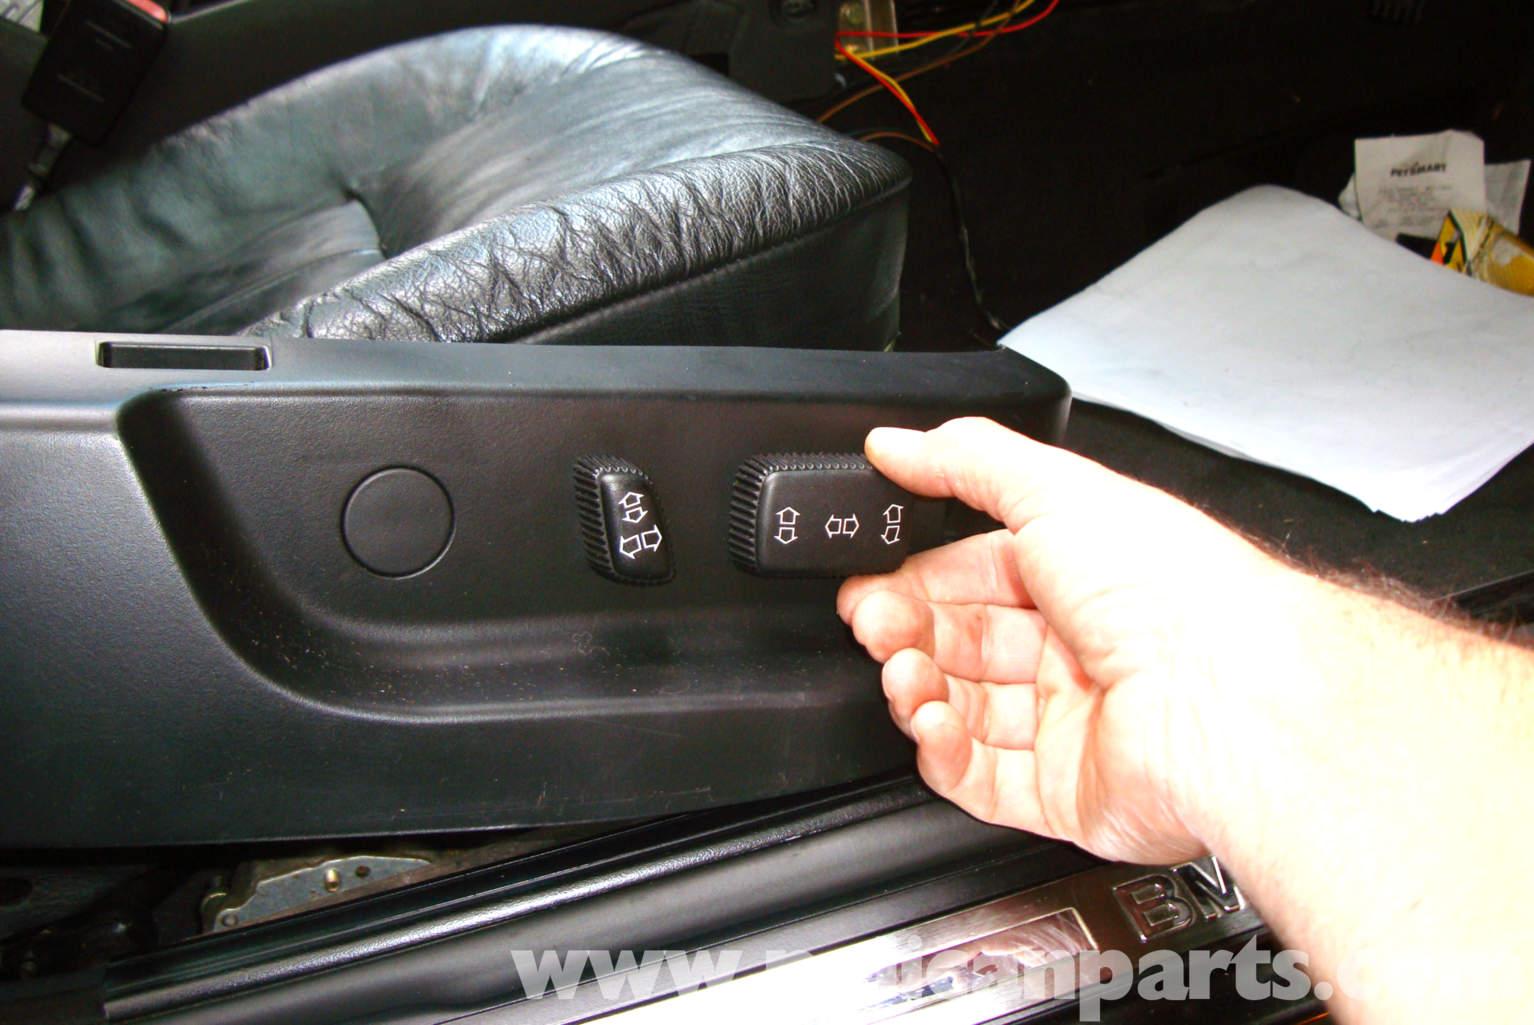 2007 Bmw X3 Wiring Diagram Bmw E39 5 Series Power Seat Testing 1997 2003 525i 528i